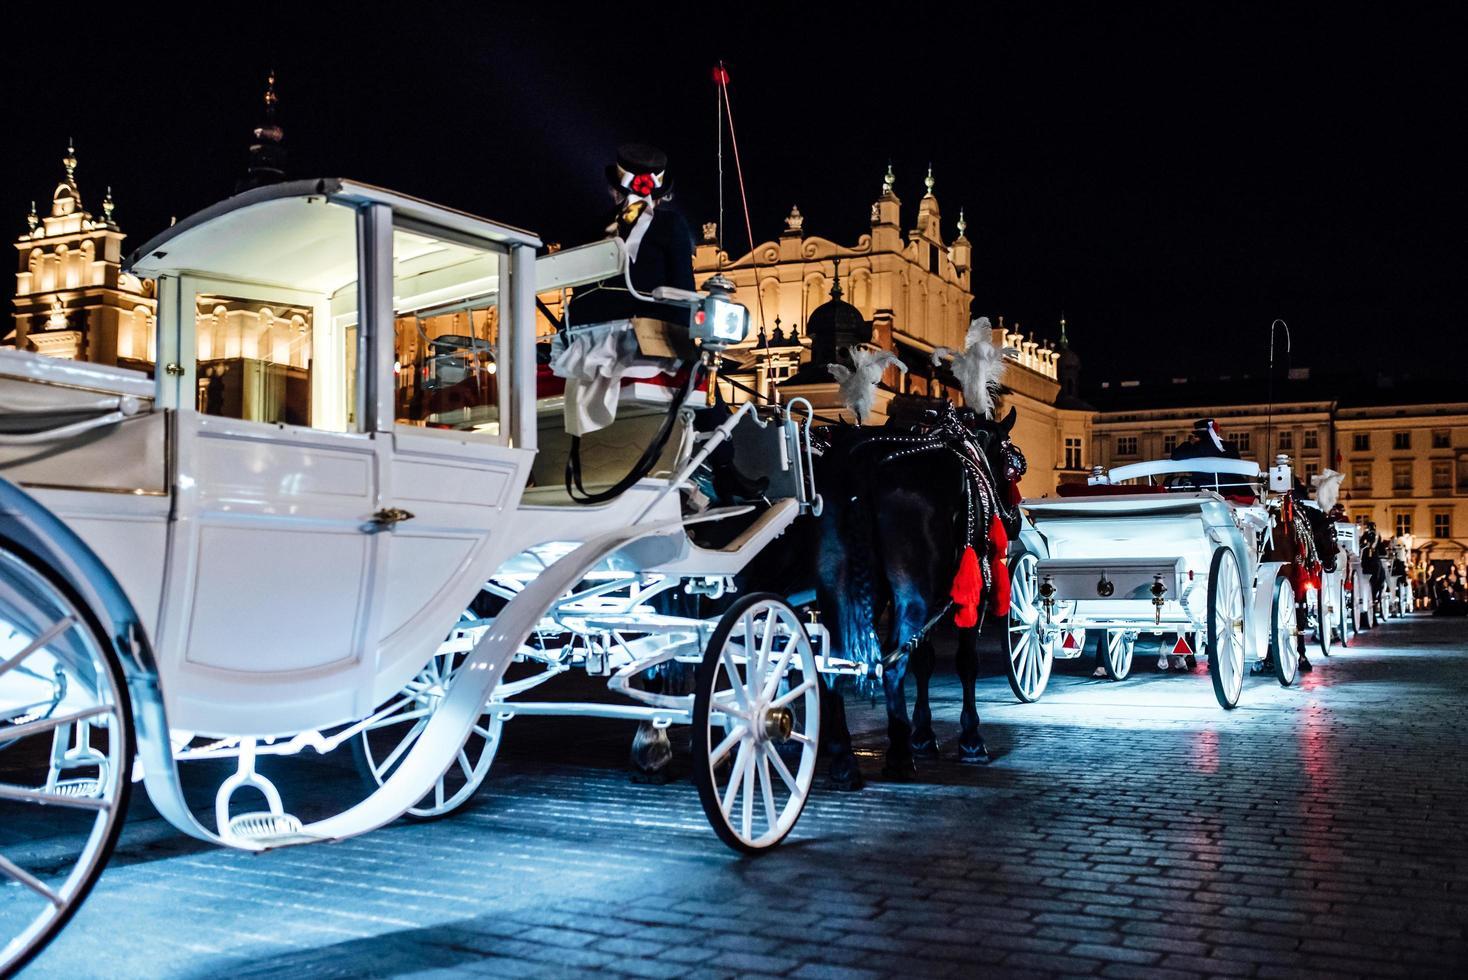 krakow, polen 2017 - nattens gamla torg i krakow med hästvagnar foto